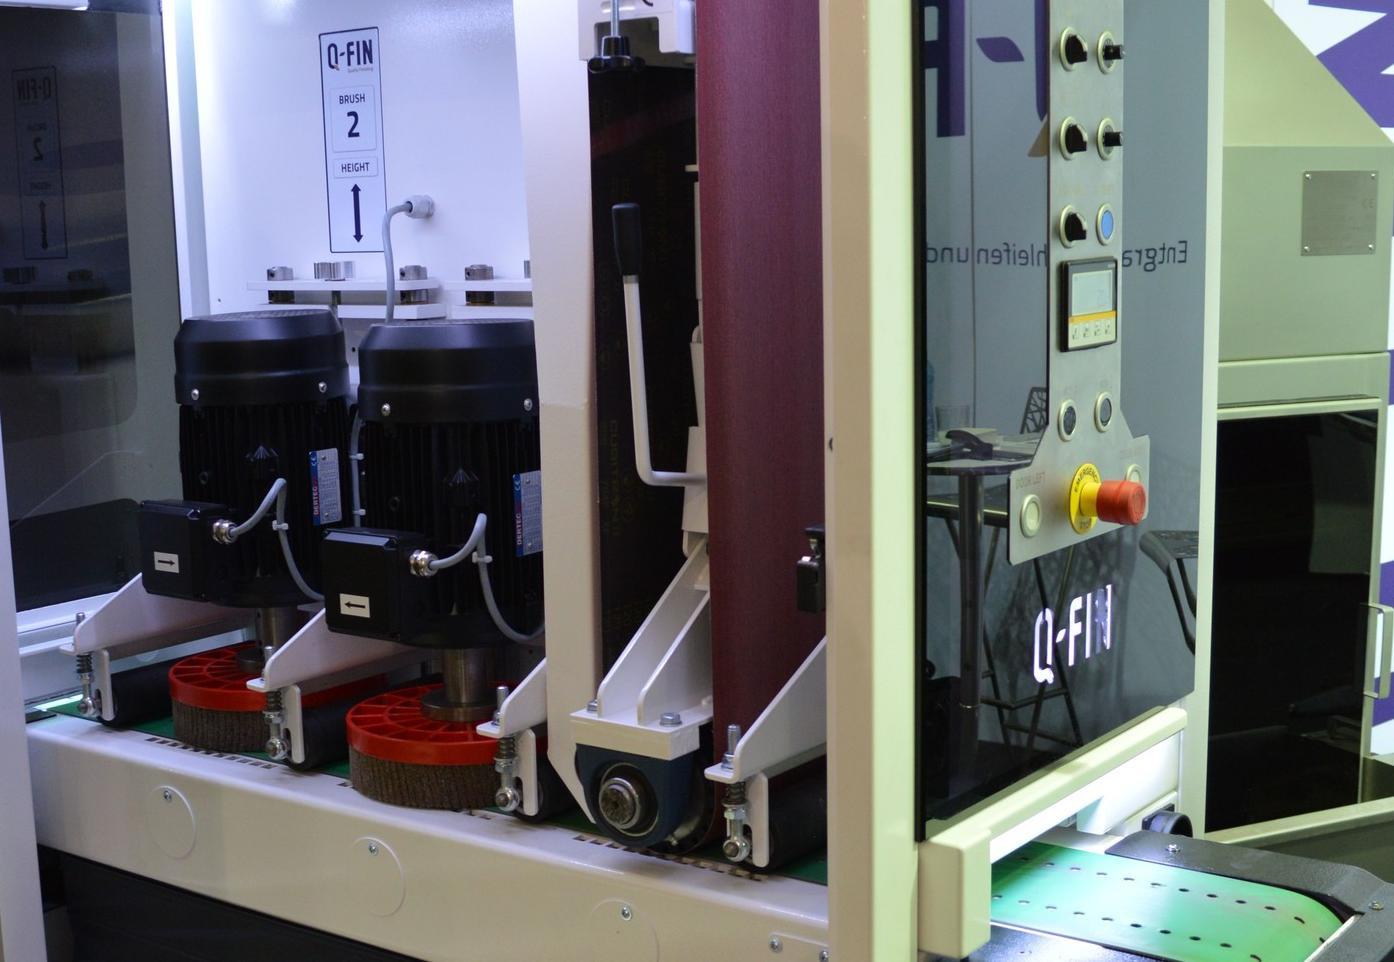 Blick in die F200 XL – die Maschine arbeitet mit einem Schleifband und zwei nachgeordneten Topfbürsten. Die Teile können in zwei Spuren aufgelegt werden und werden über Vakuum durch die Löcher im Transportband gehalten.